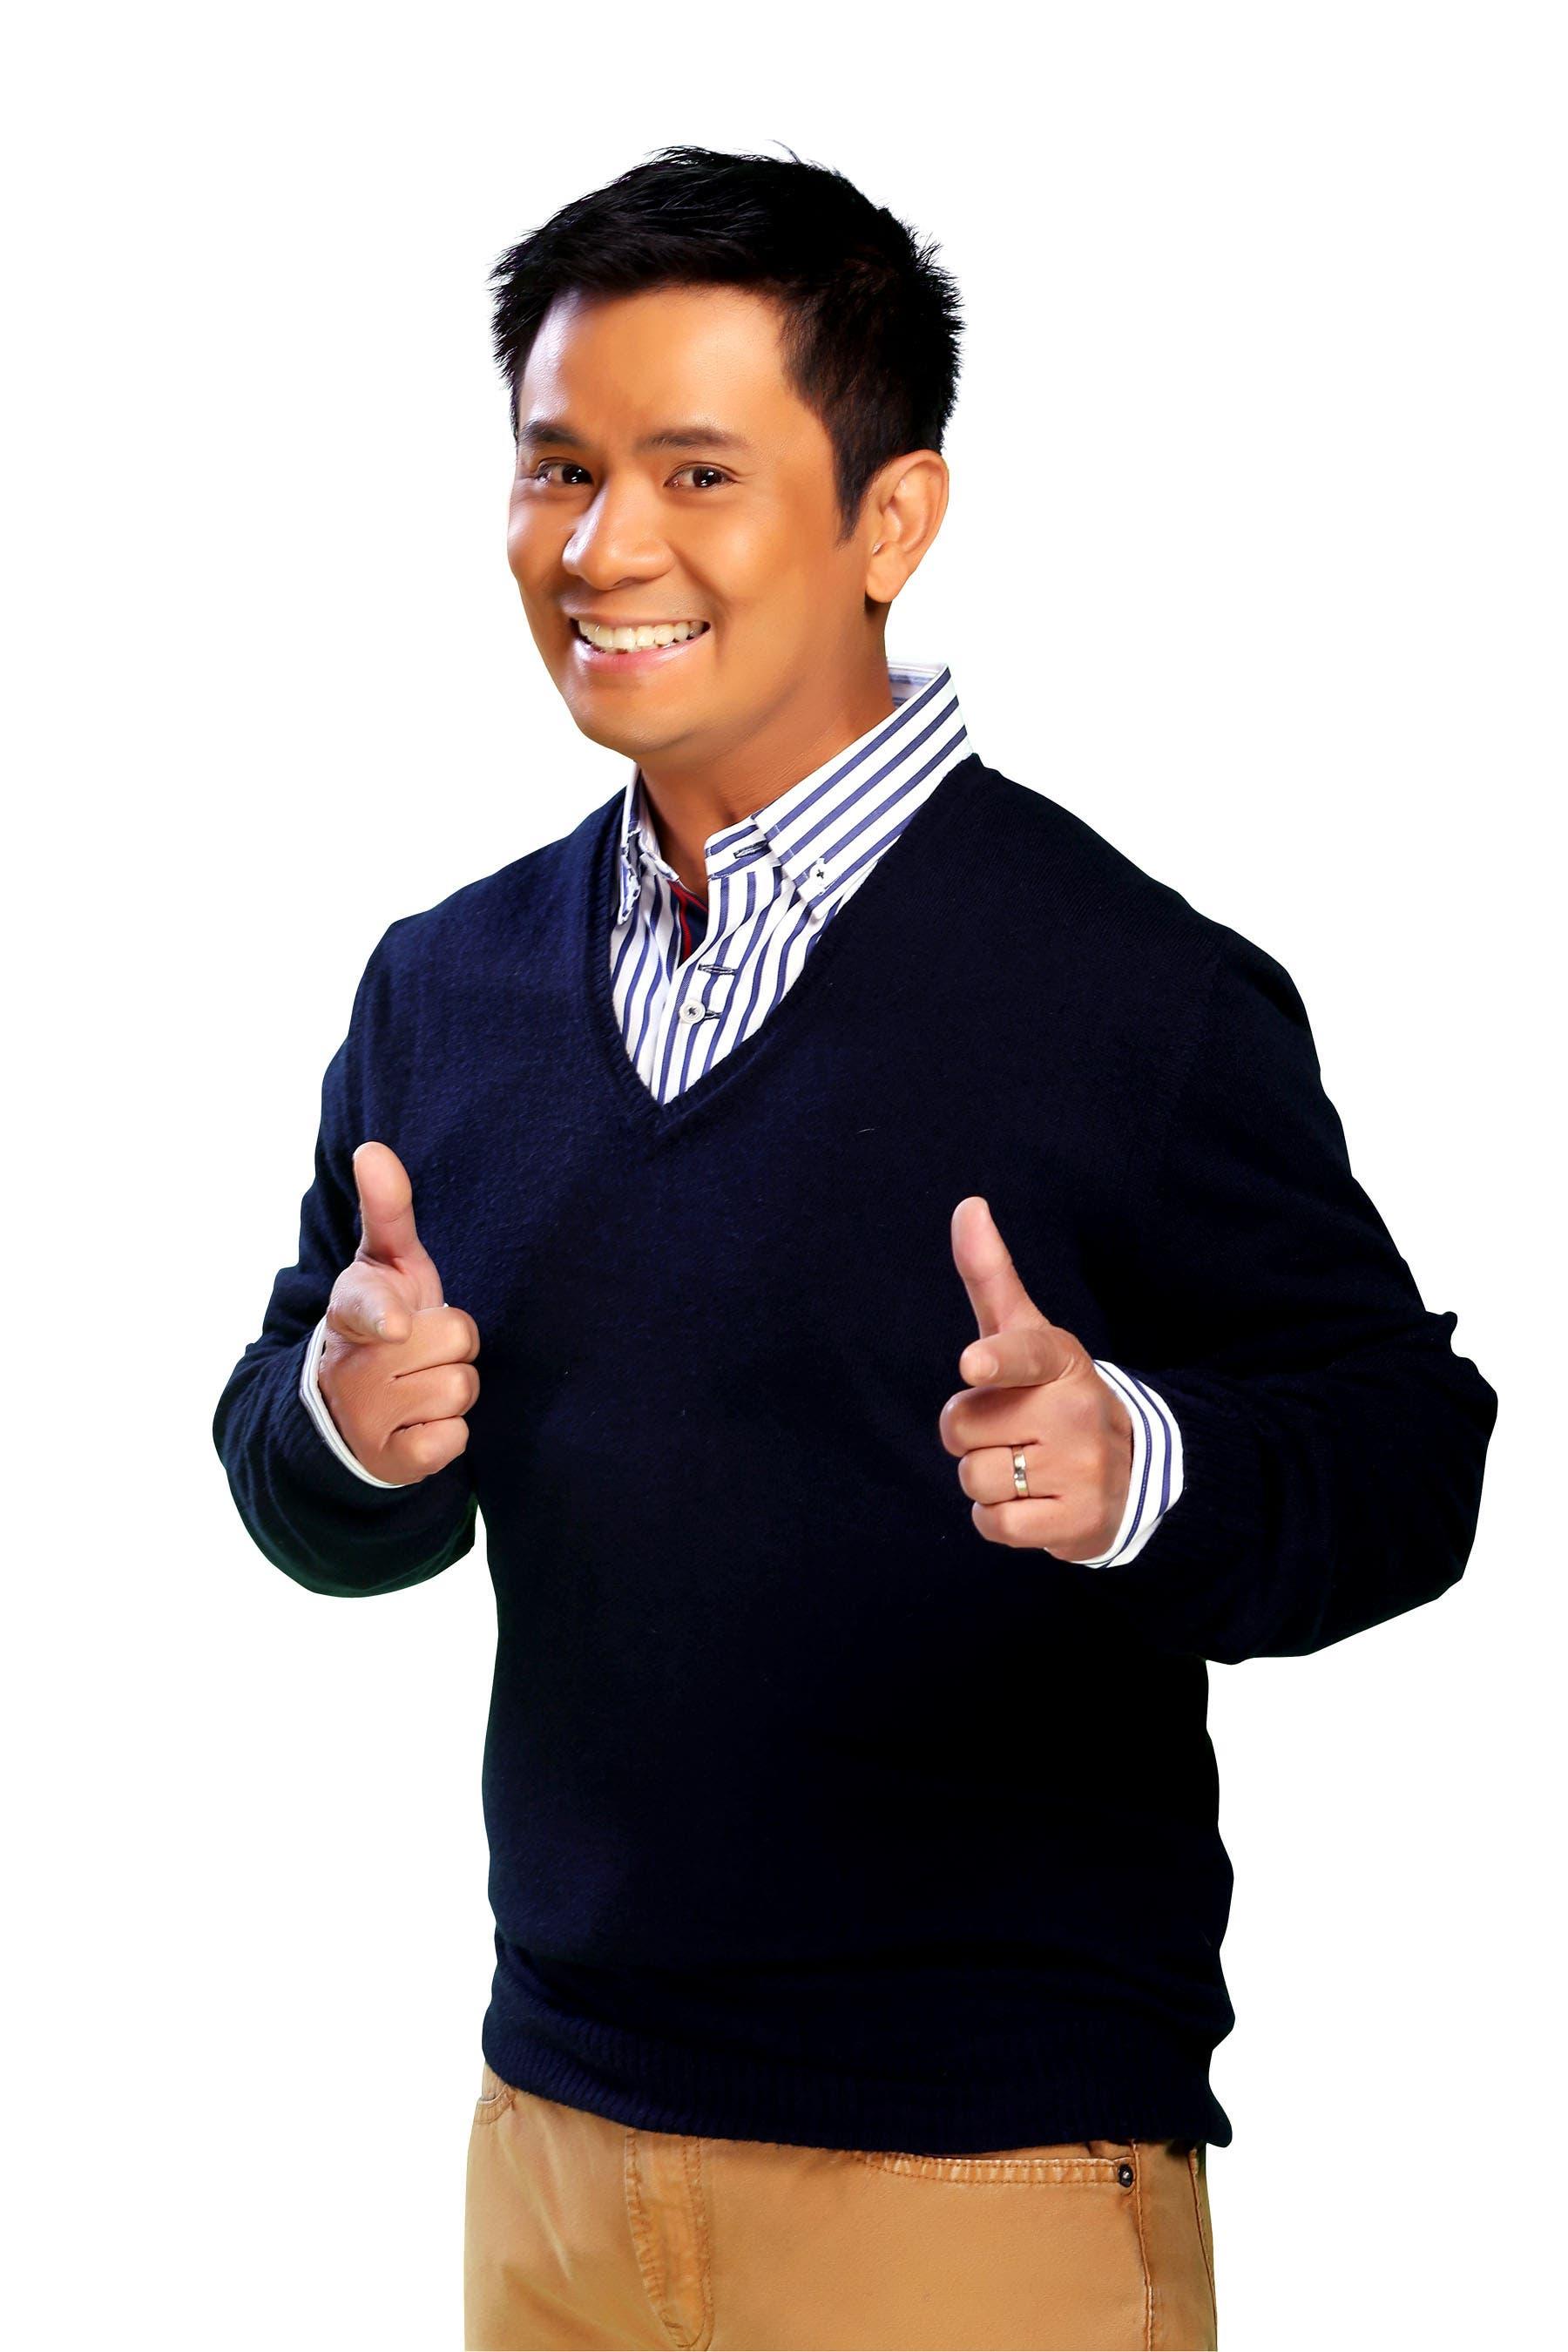 Bagong taon bagong buhay essay writer